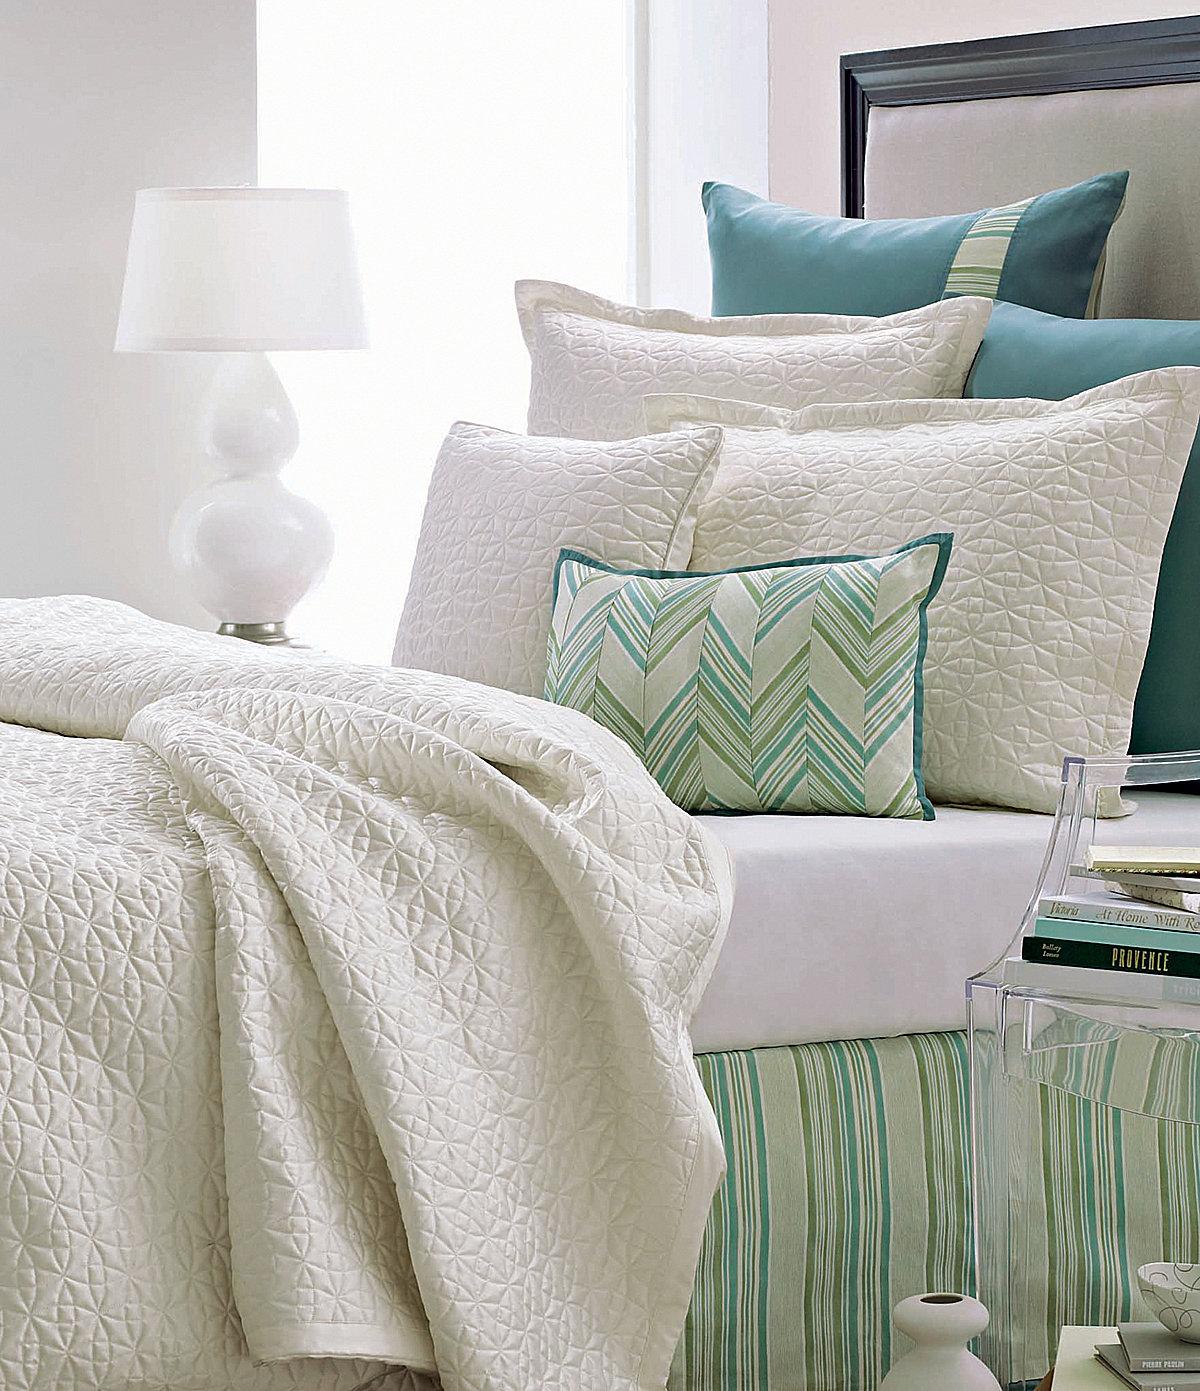 Modern Furniture Design 2013 Candice Olson Bedding